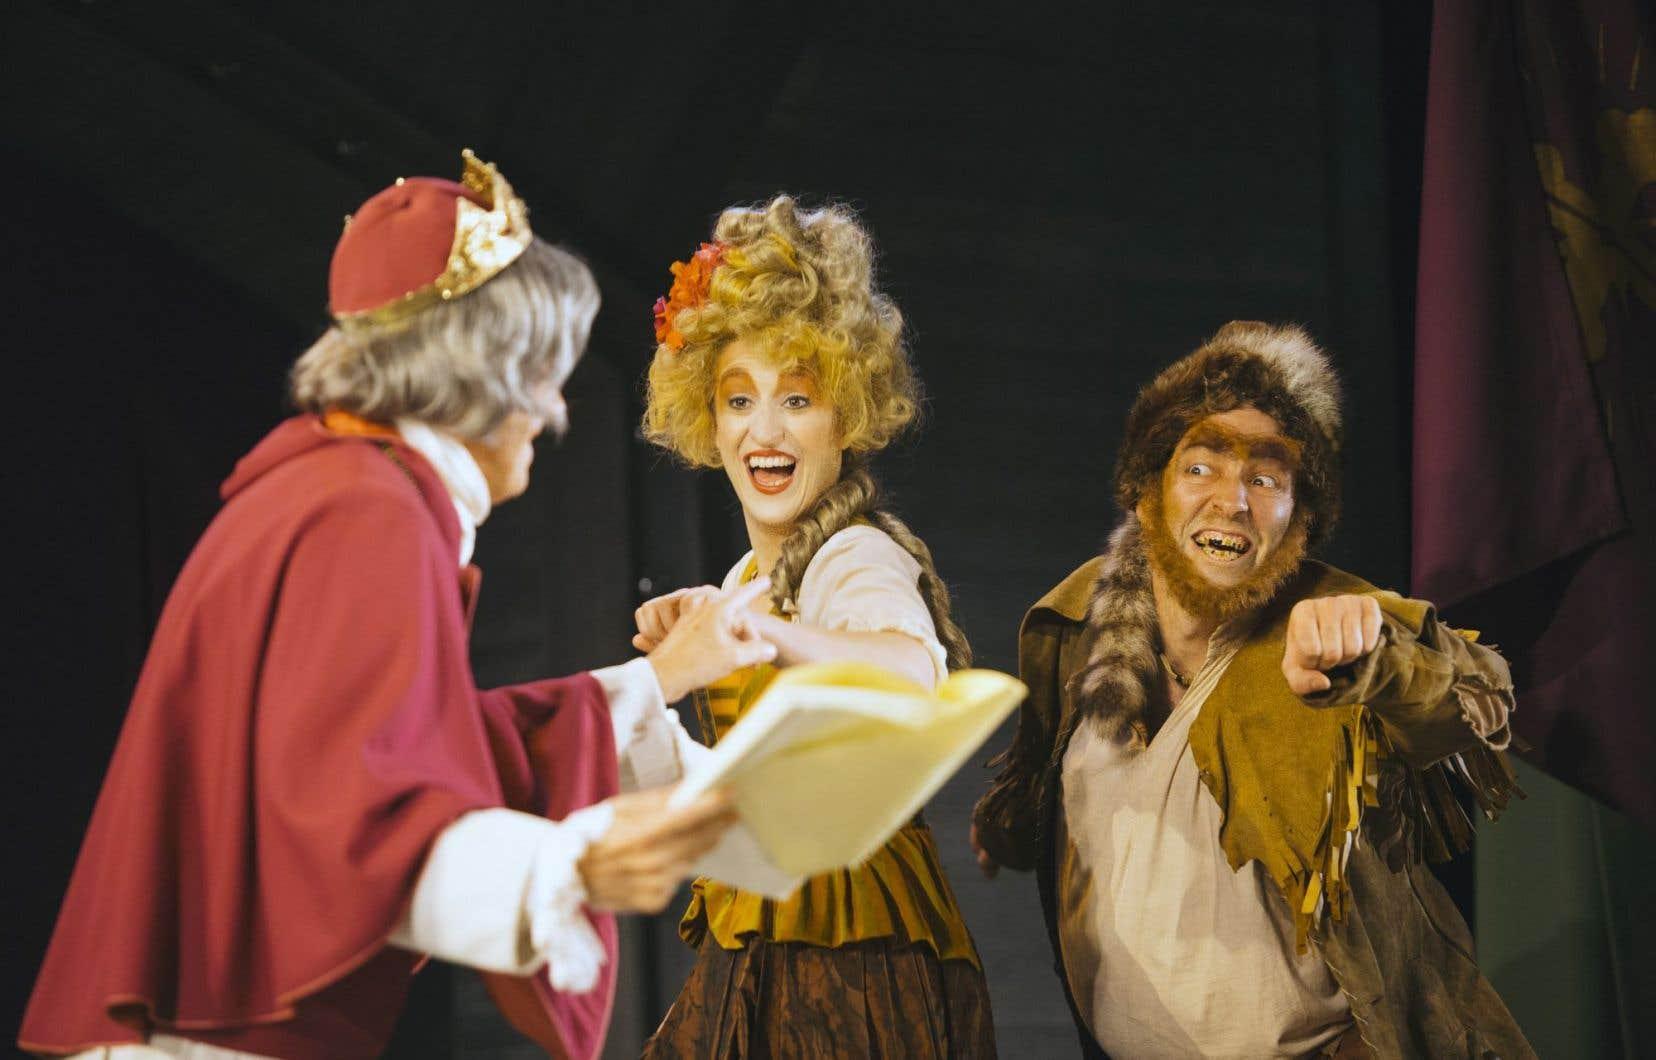 La pièce «Molière, Shakespeare et moi» exhibe tout du long son côté carton-pâte et sa jovialité un peu forcée.